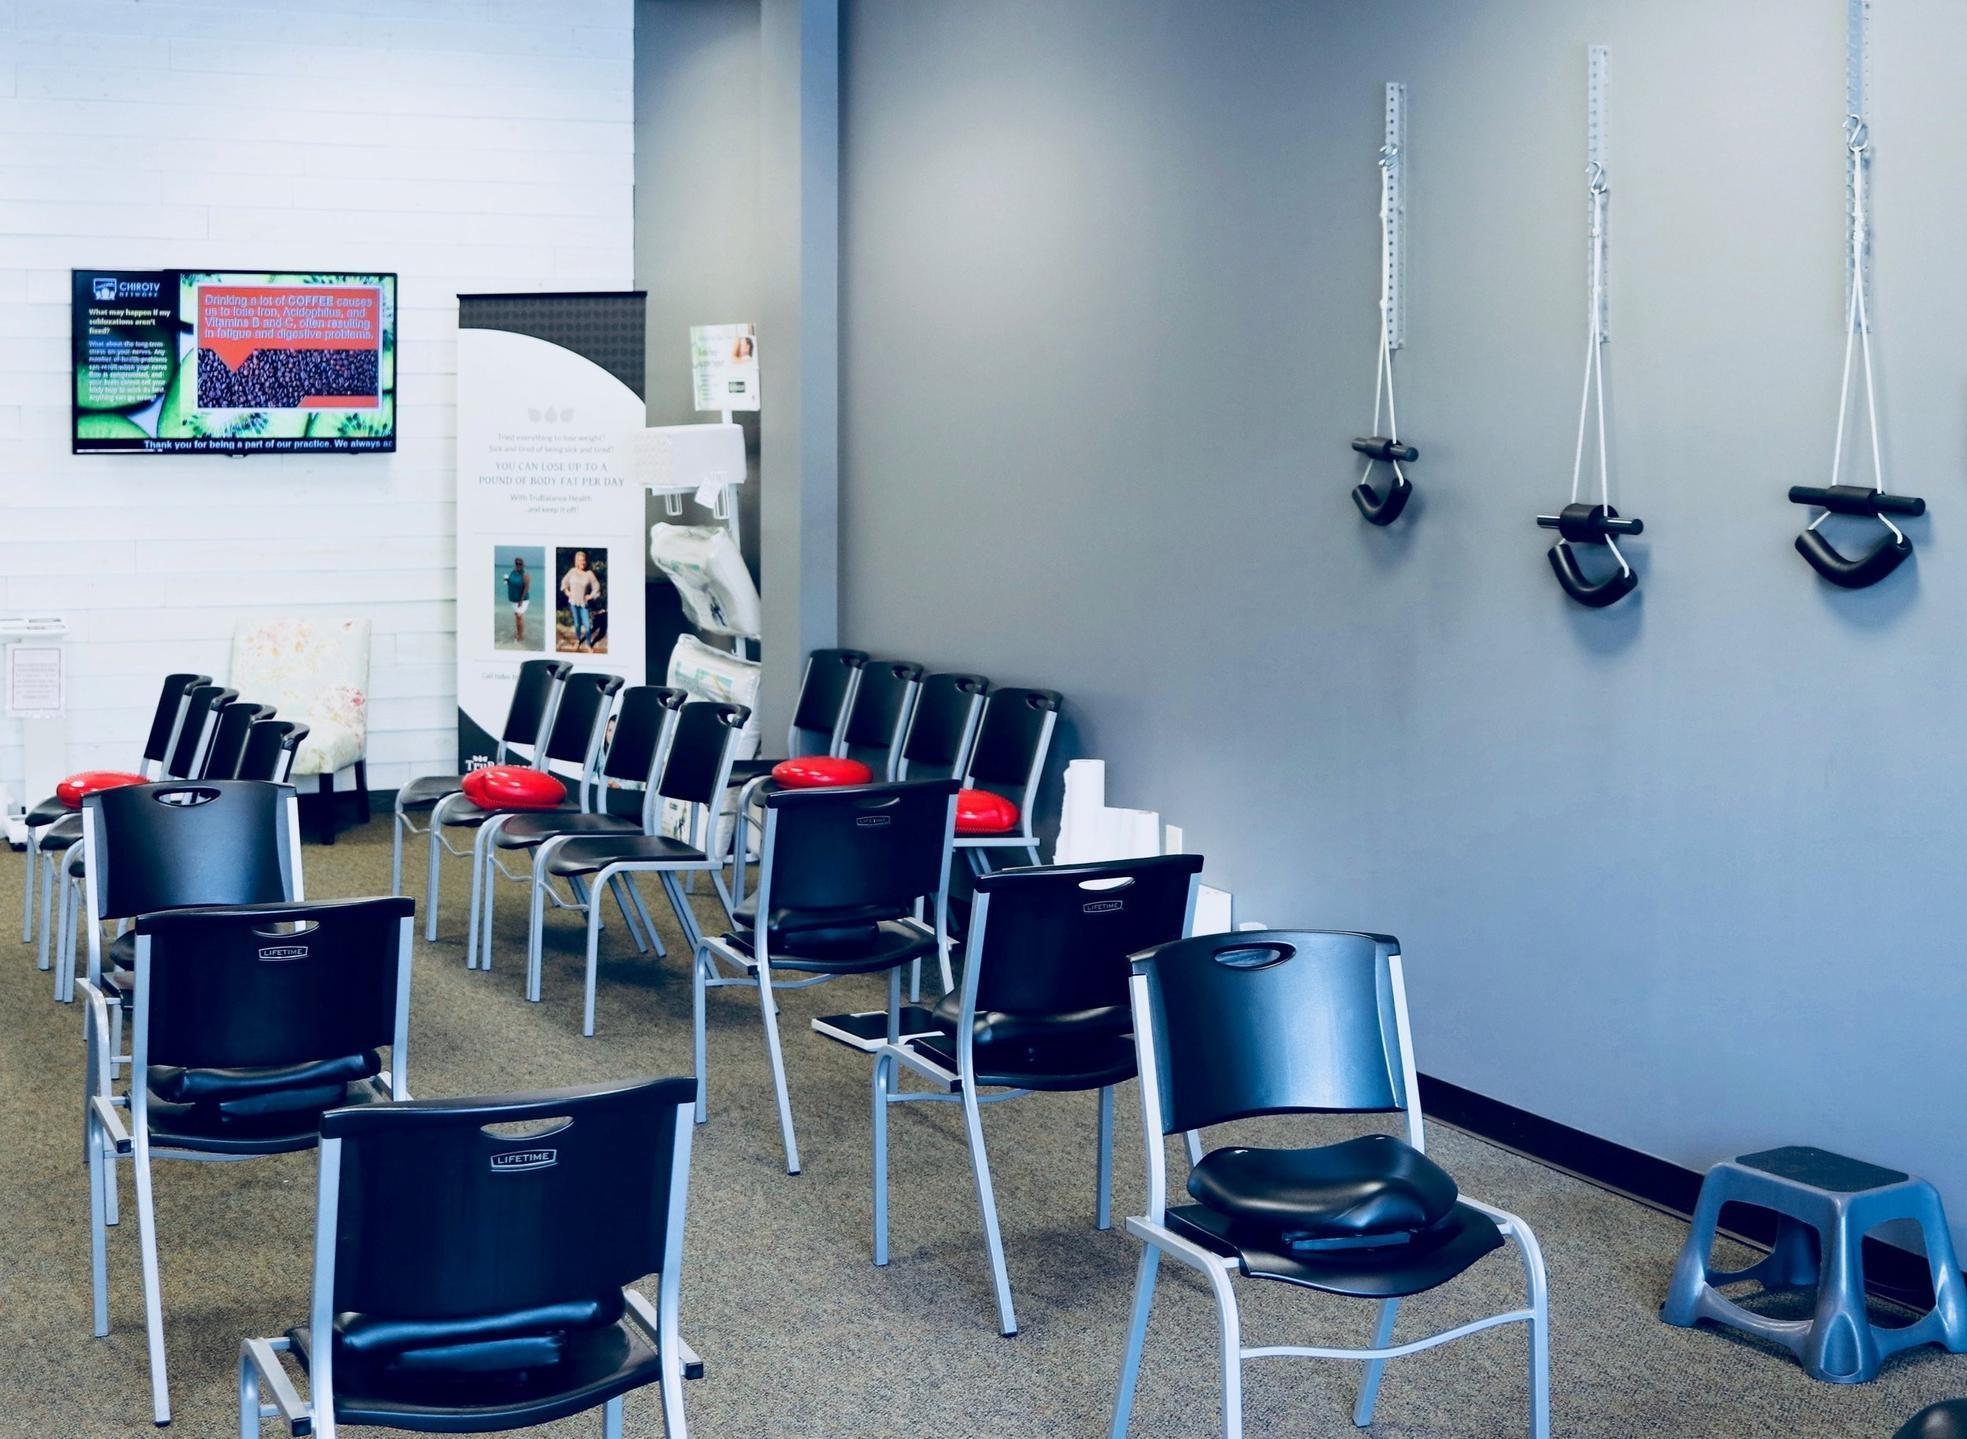 Chiropractic wellness center lobby